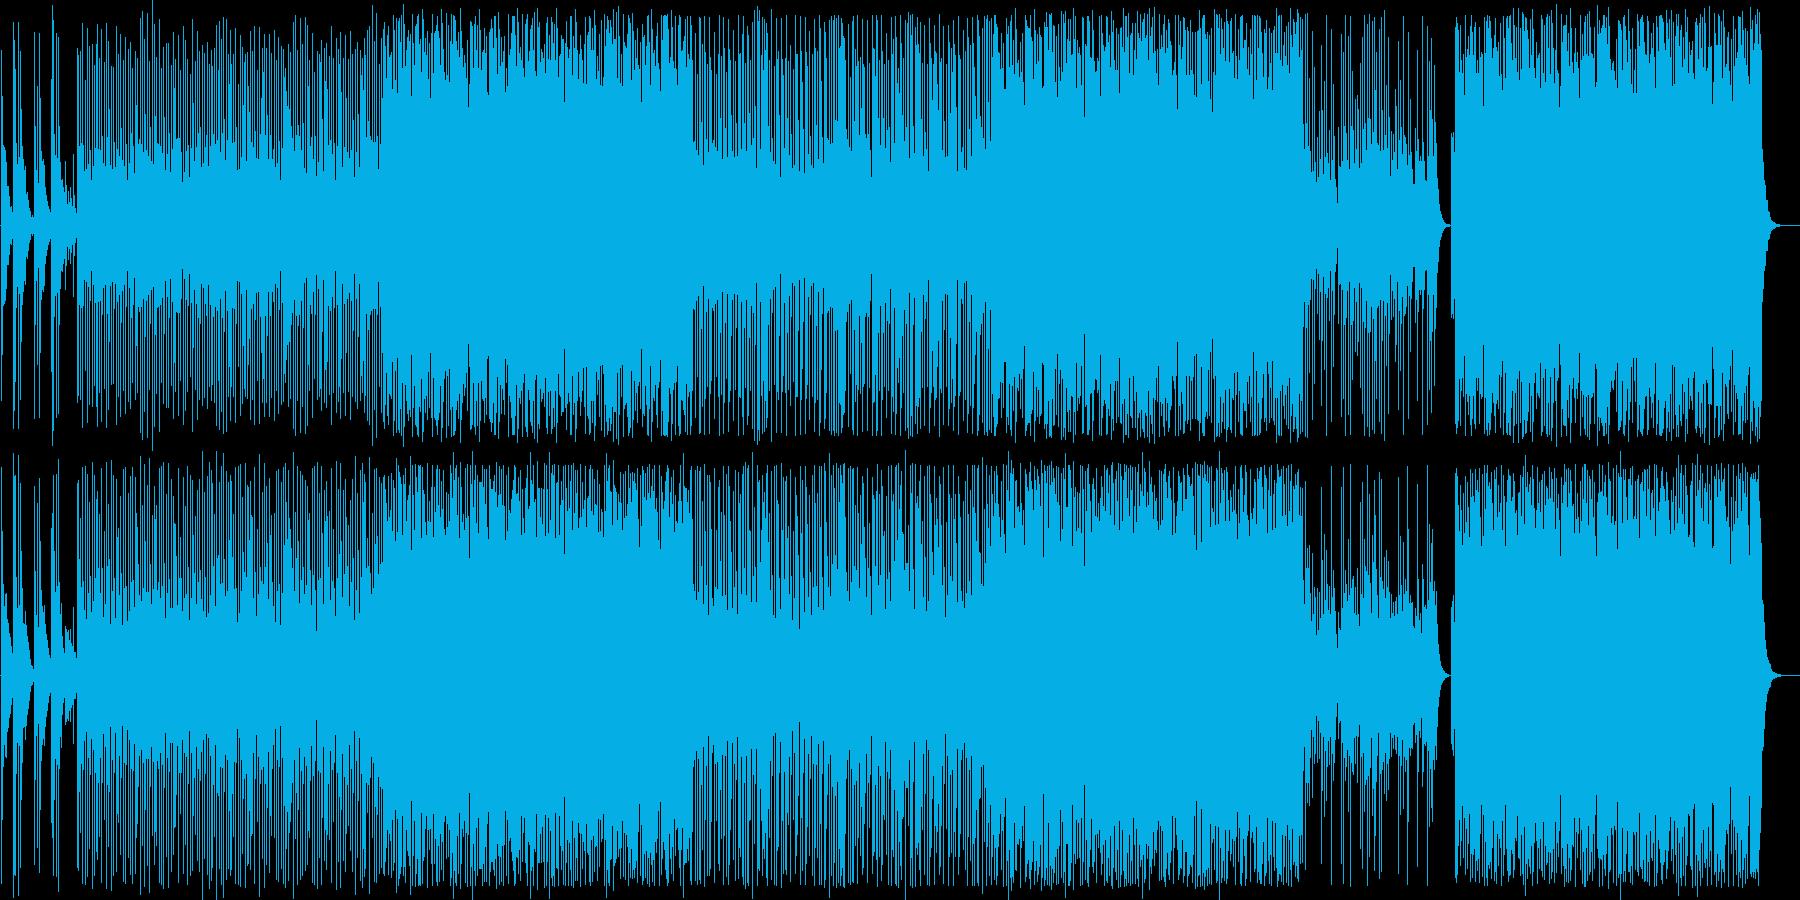 和風/和楽器/掛け声(は!/よぉ~)A2の再生済みの波形